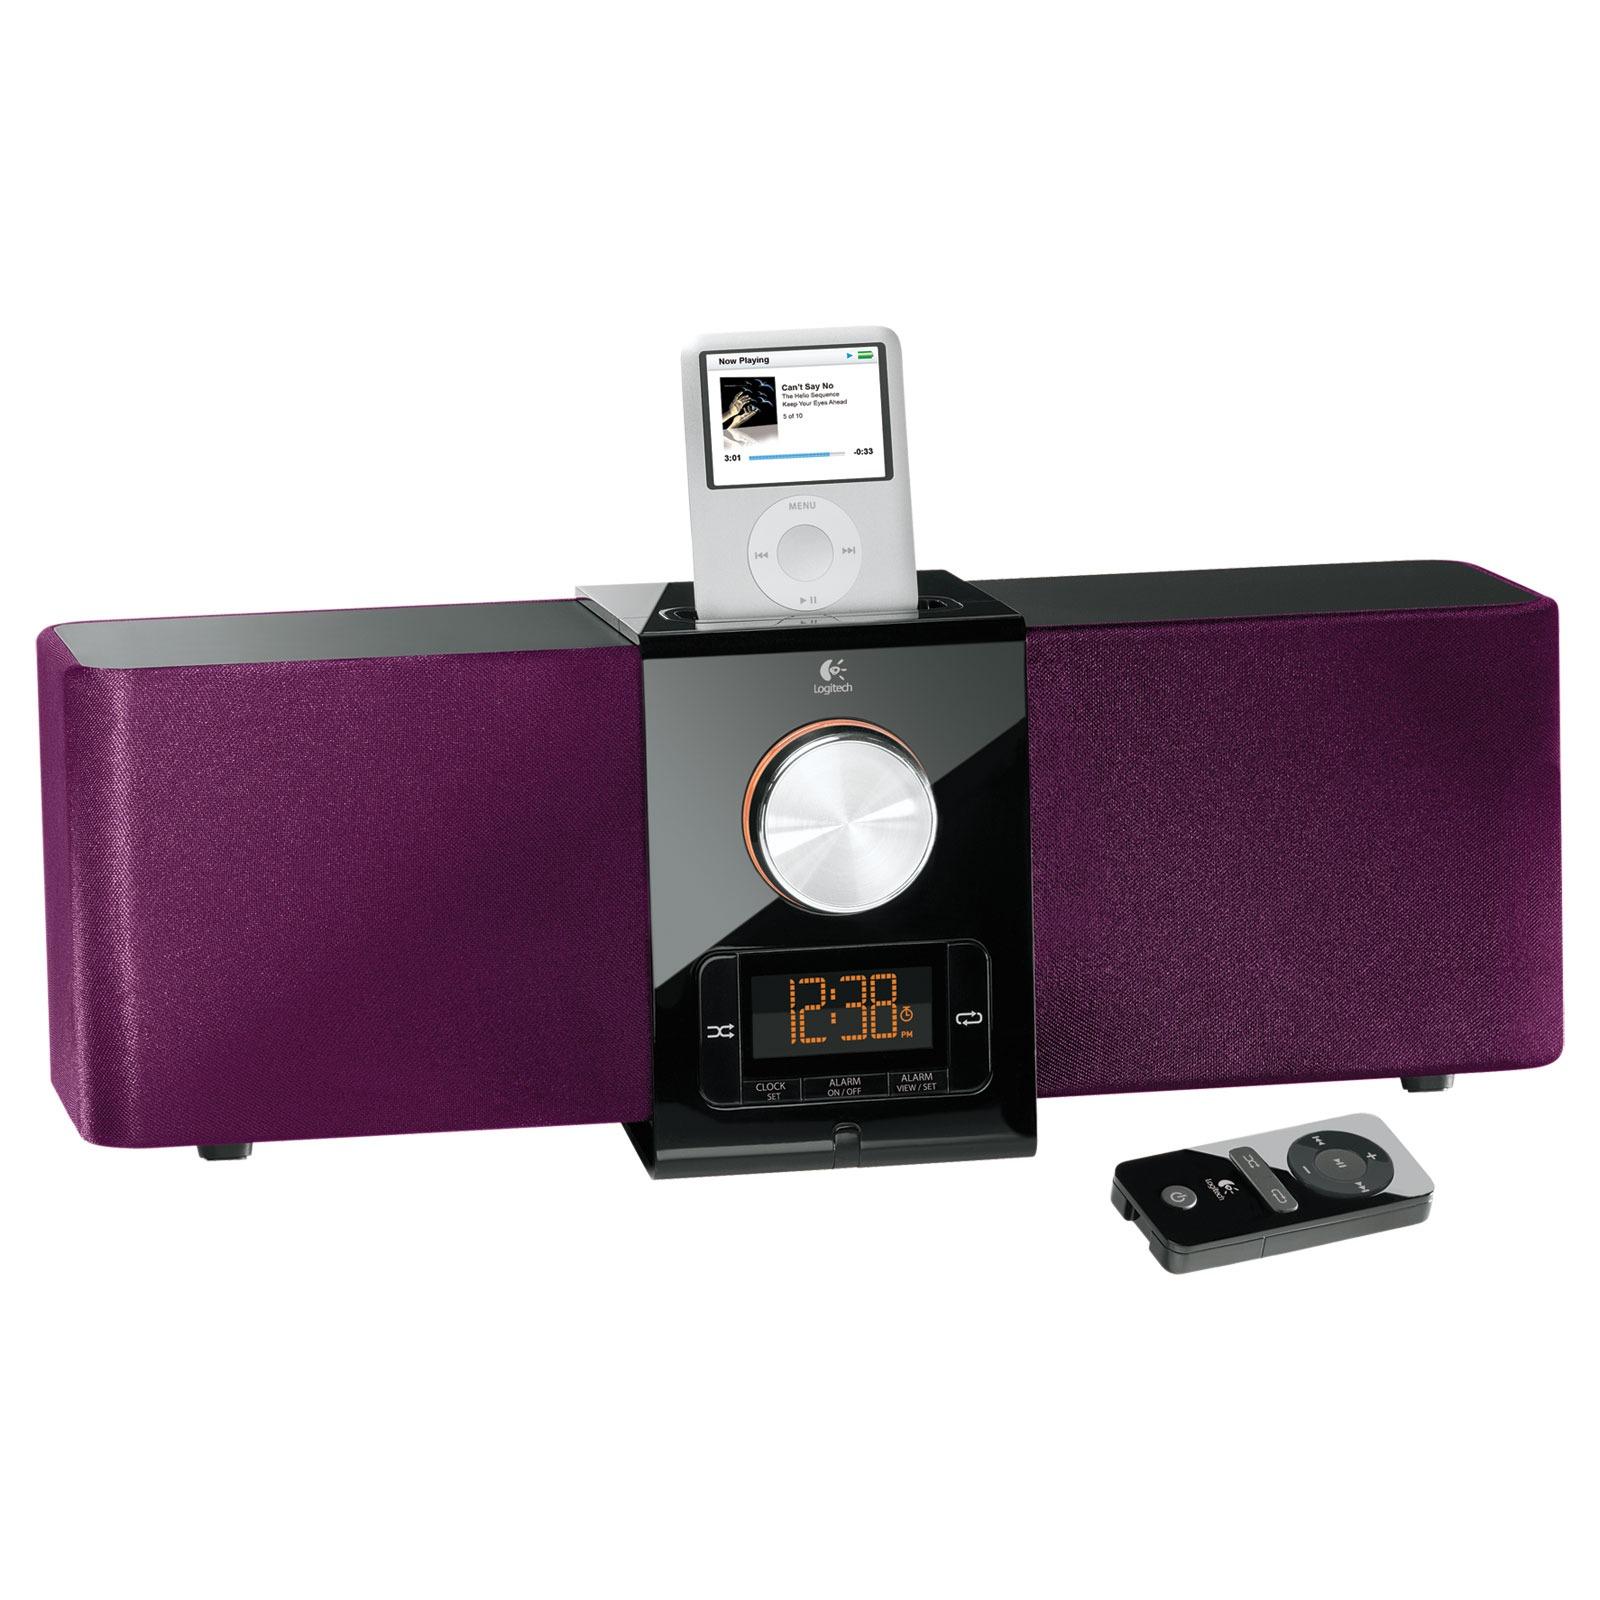 logitech pure fi express plus violet dock enceinte bluetooth logitech sur ldlc. Black Bedroom Furniture Sets. Home Design Ideas